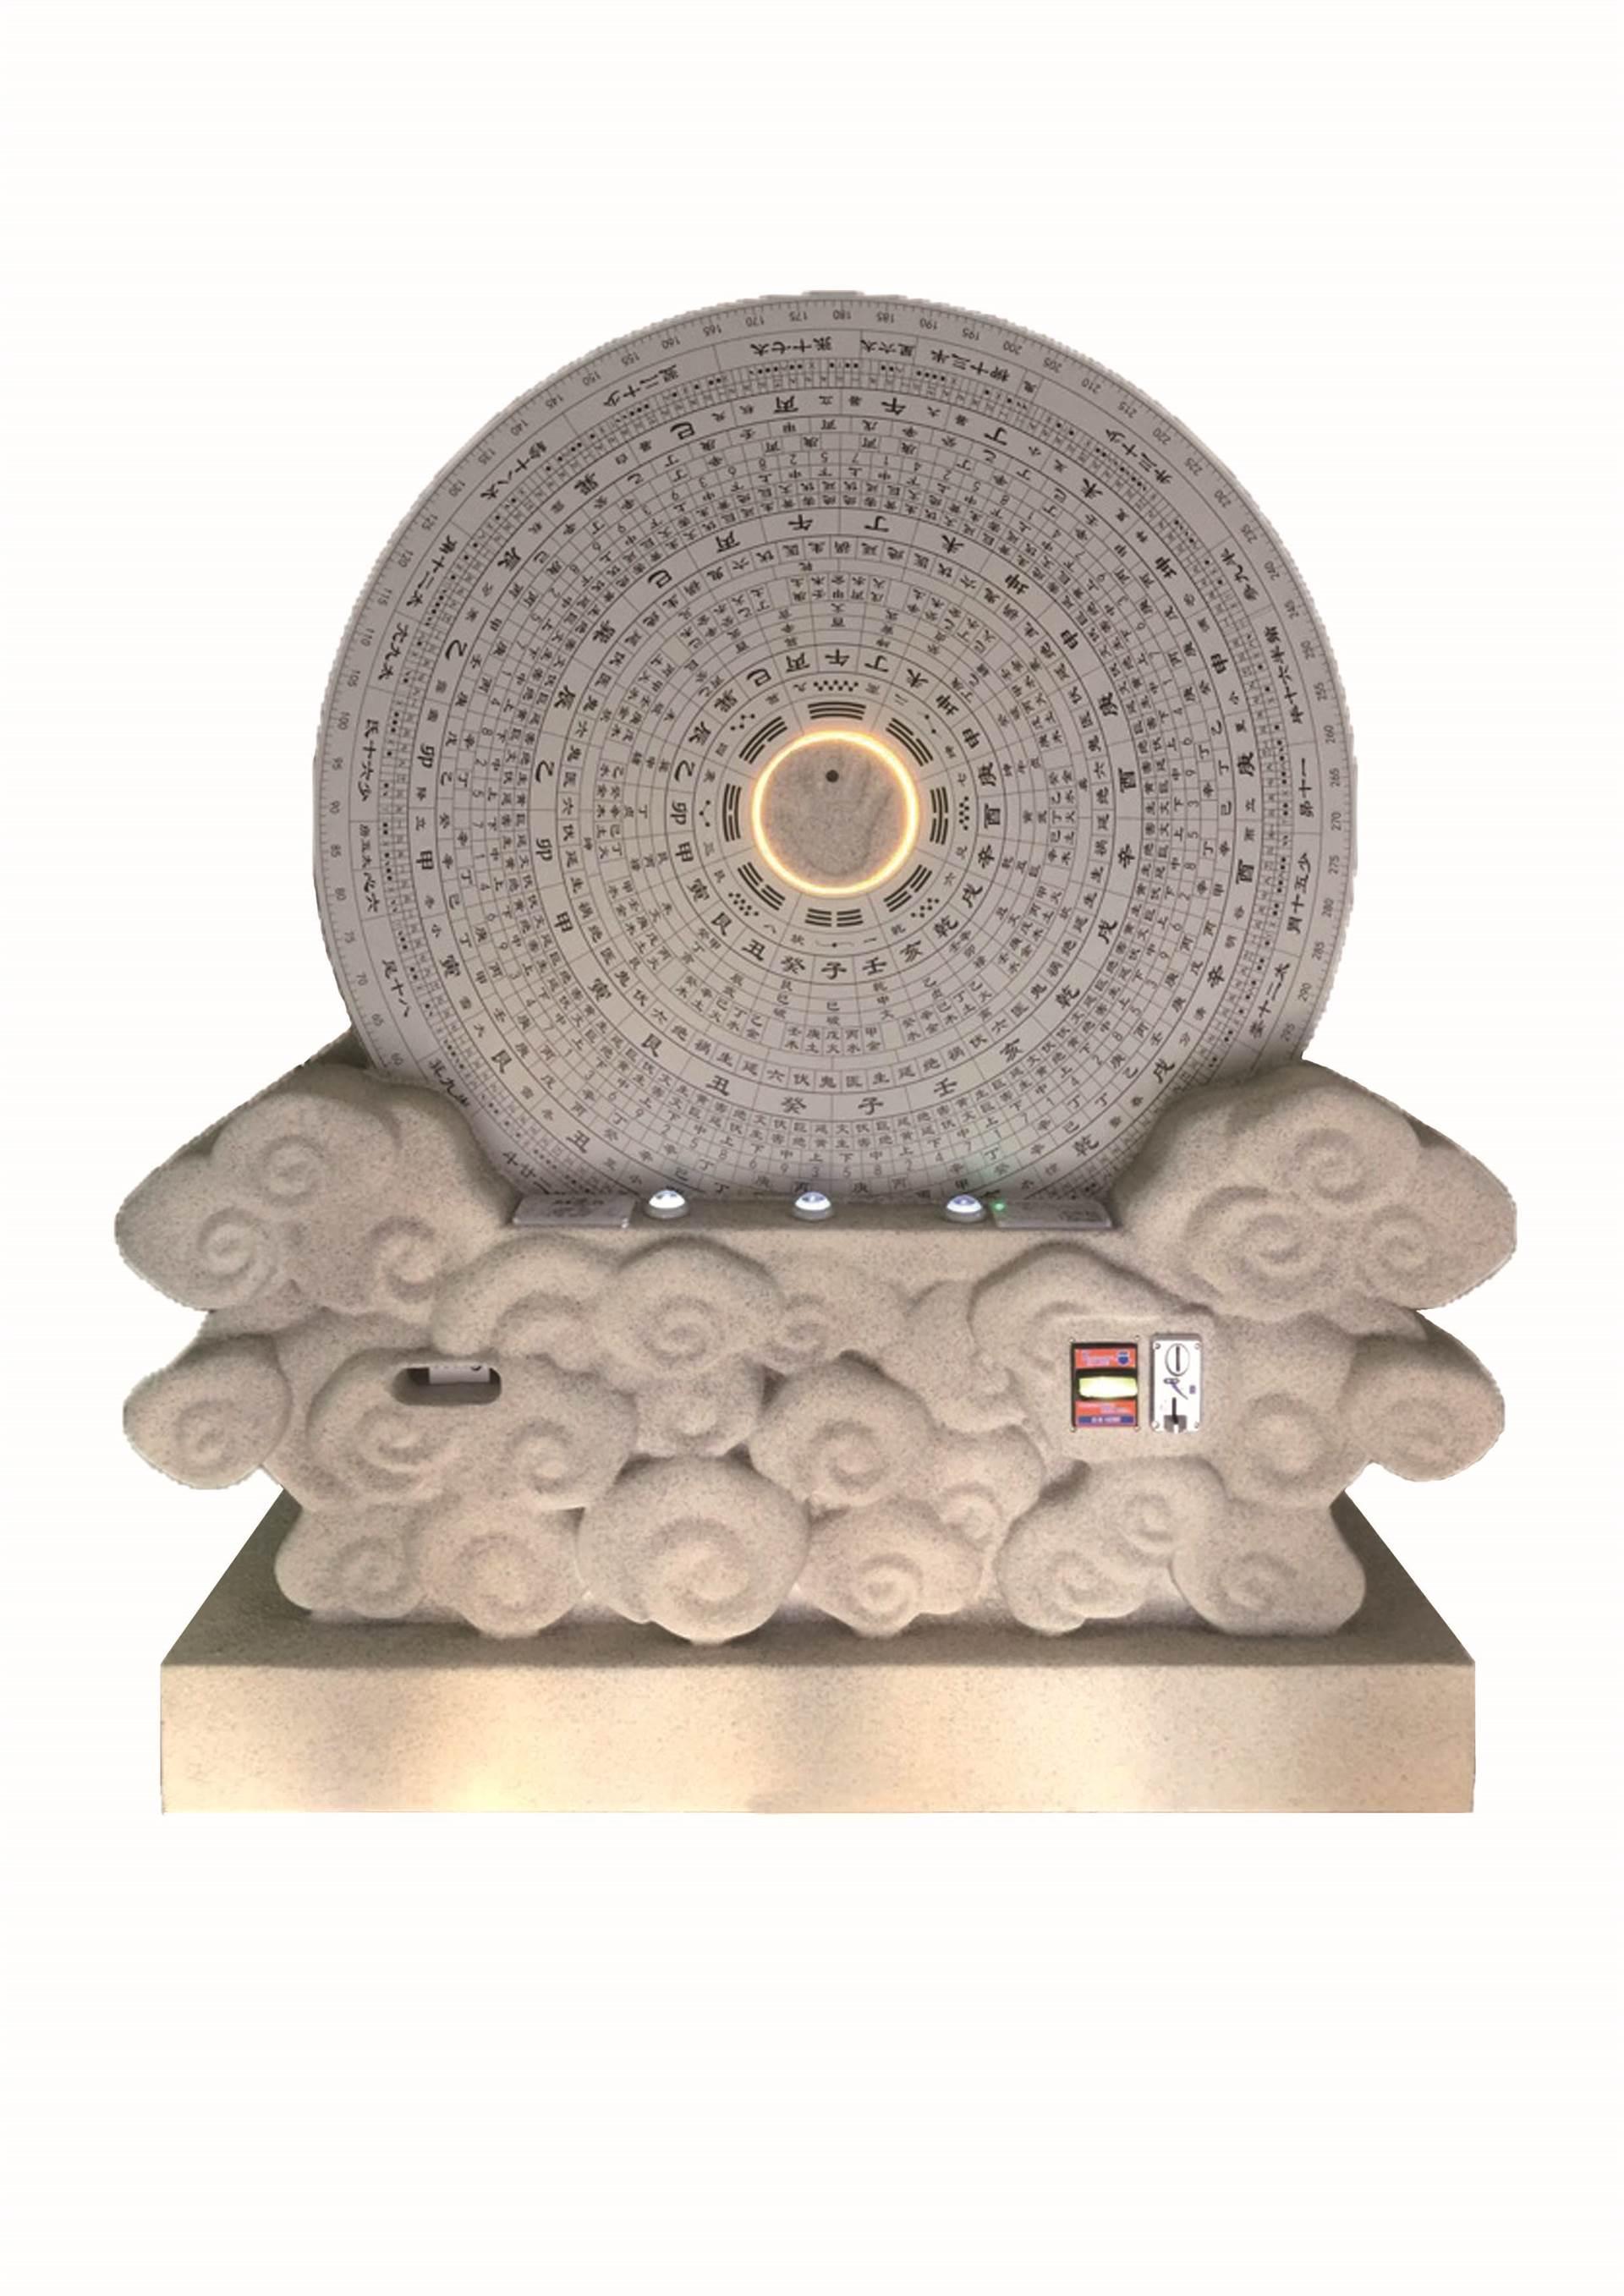 北京东城天坛公园投放中国易经文化算命设备石来运转